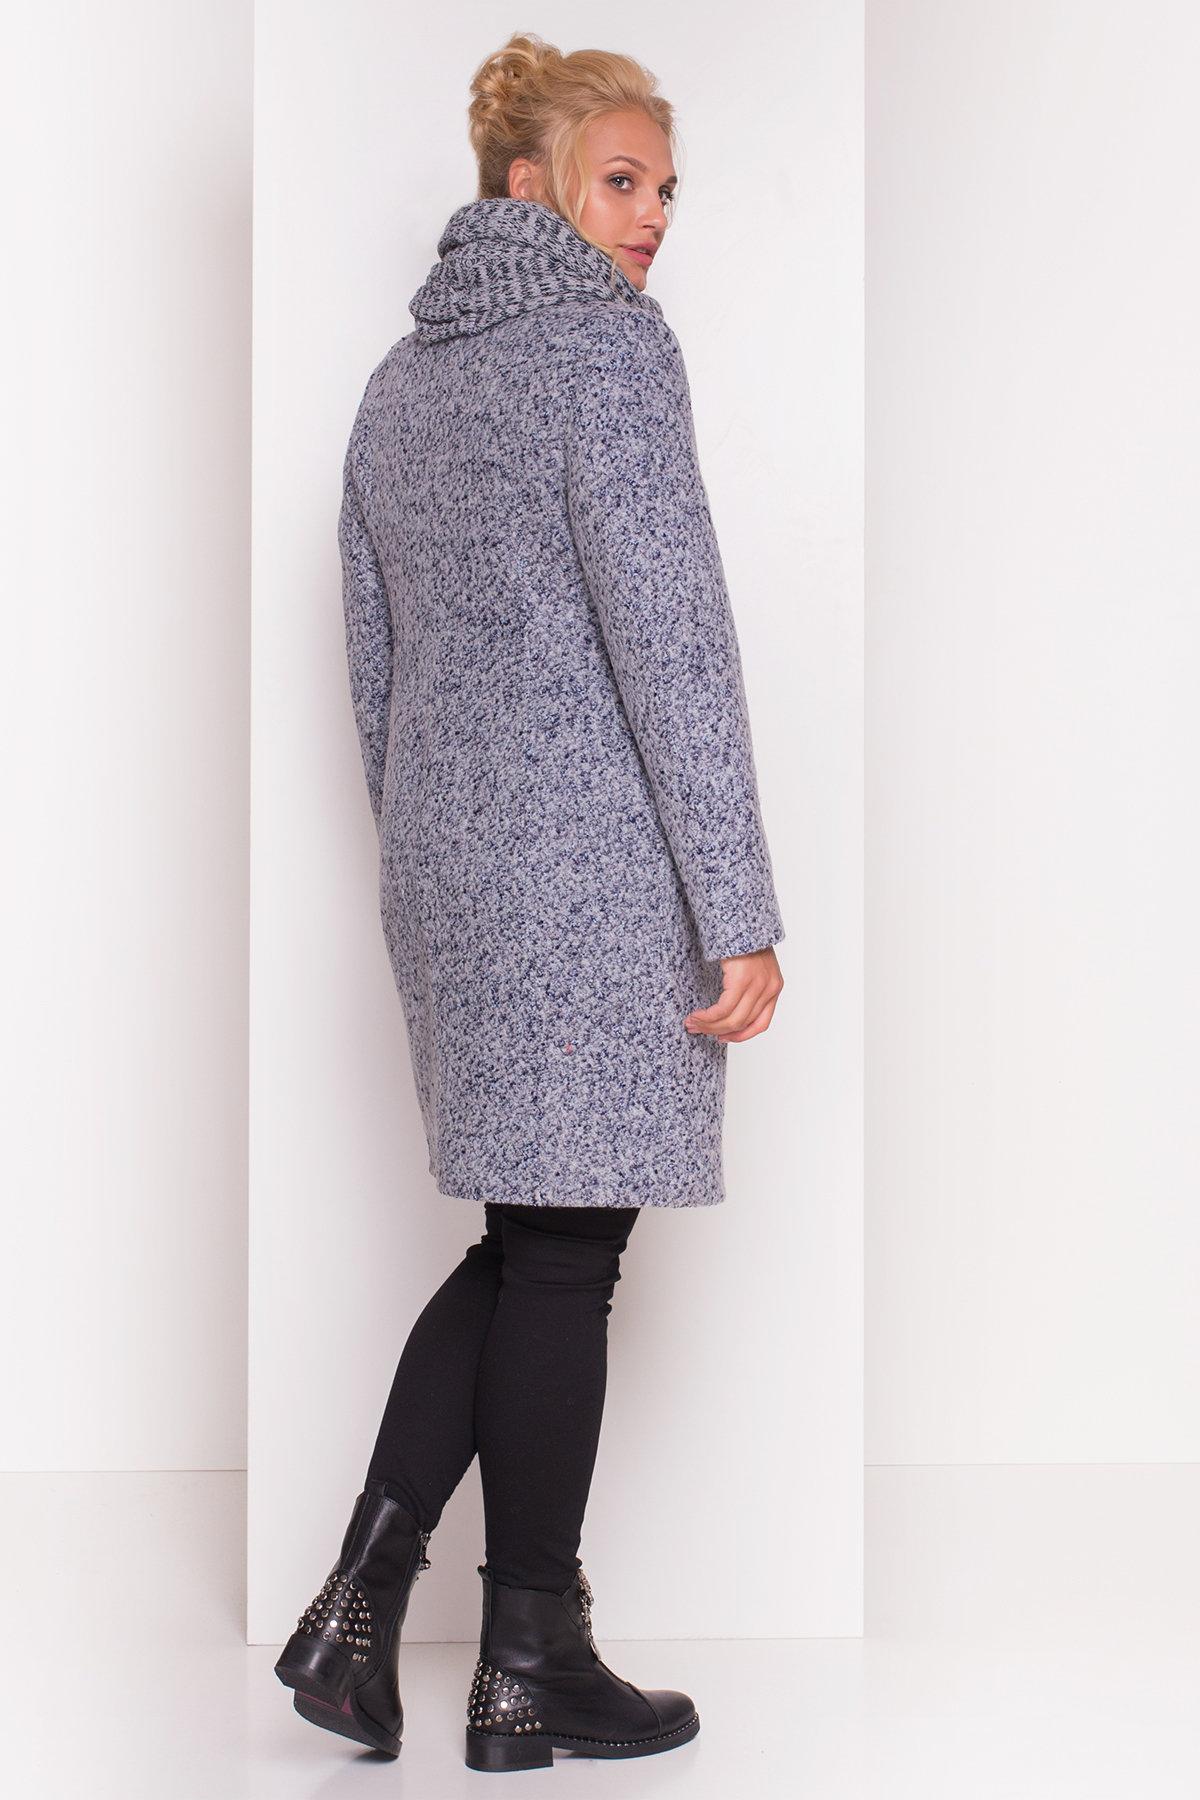 Пальто зима Луара Donna 3685 АРТ. 19181 Цвет: Серый/голубой - фото 5, интернет магазин tm-modus.ru